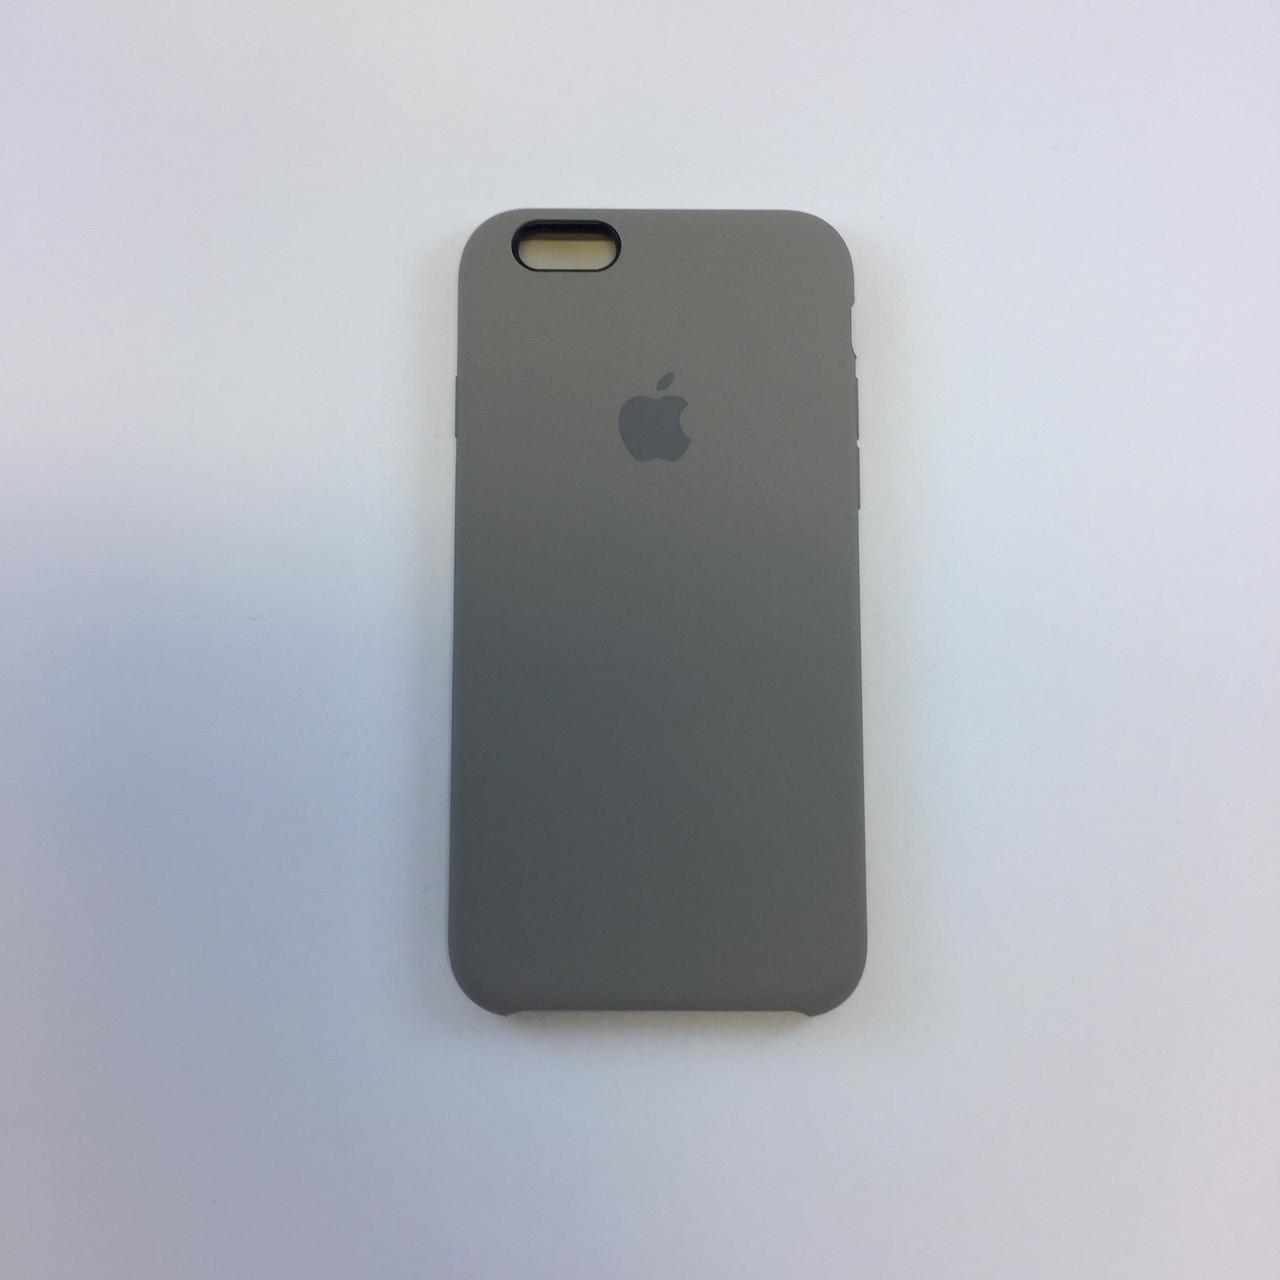 Силиконовый чехол iPhone 6/6s Plus, темная олива, силикон, copy original